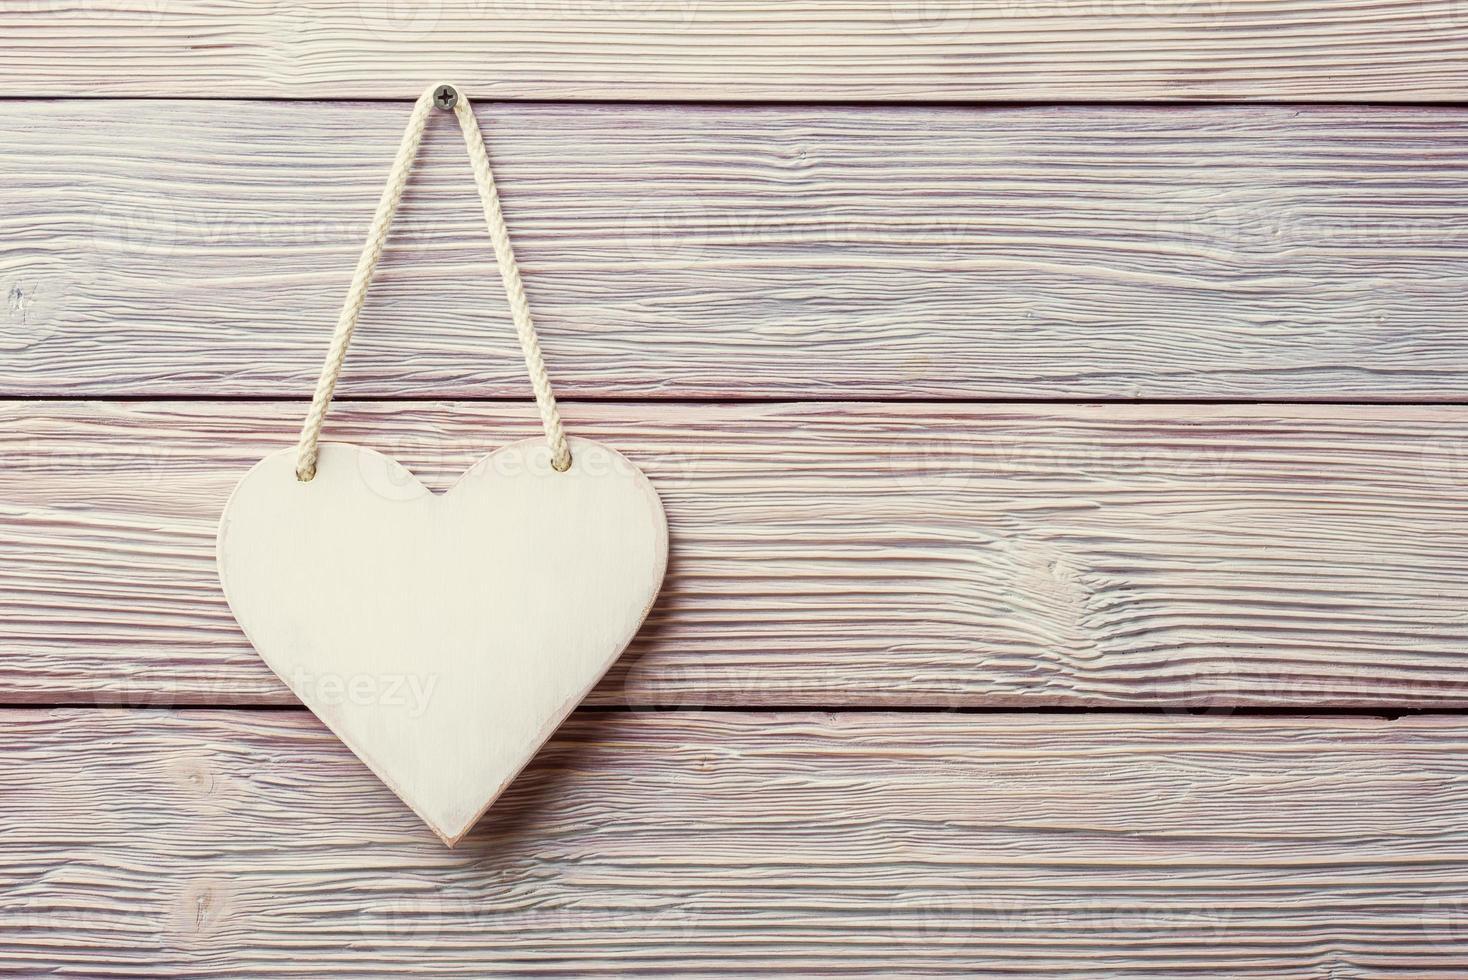 wit hart opknoping over lichte houten vintage achtergrond foto